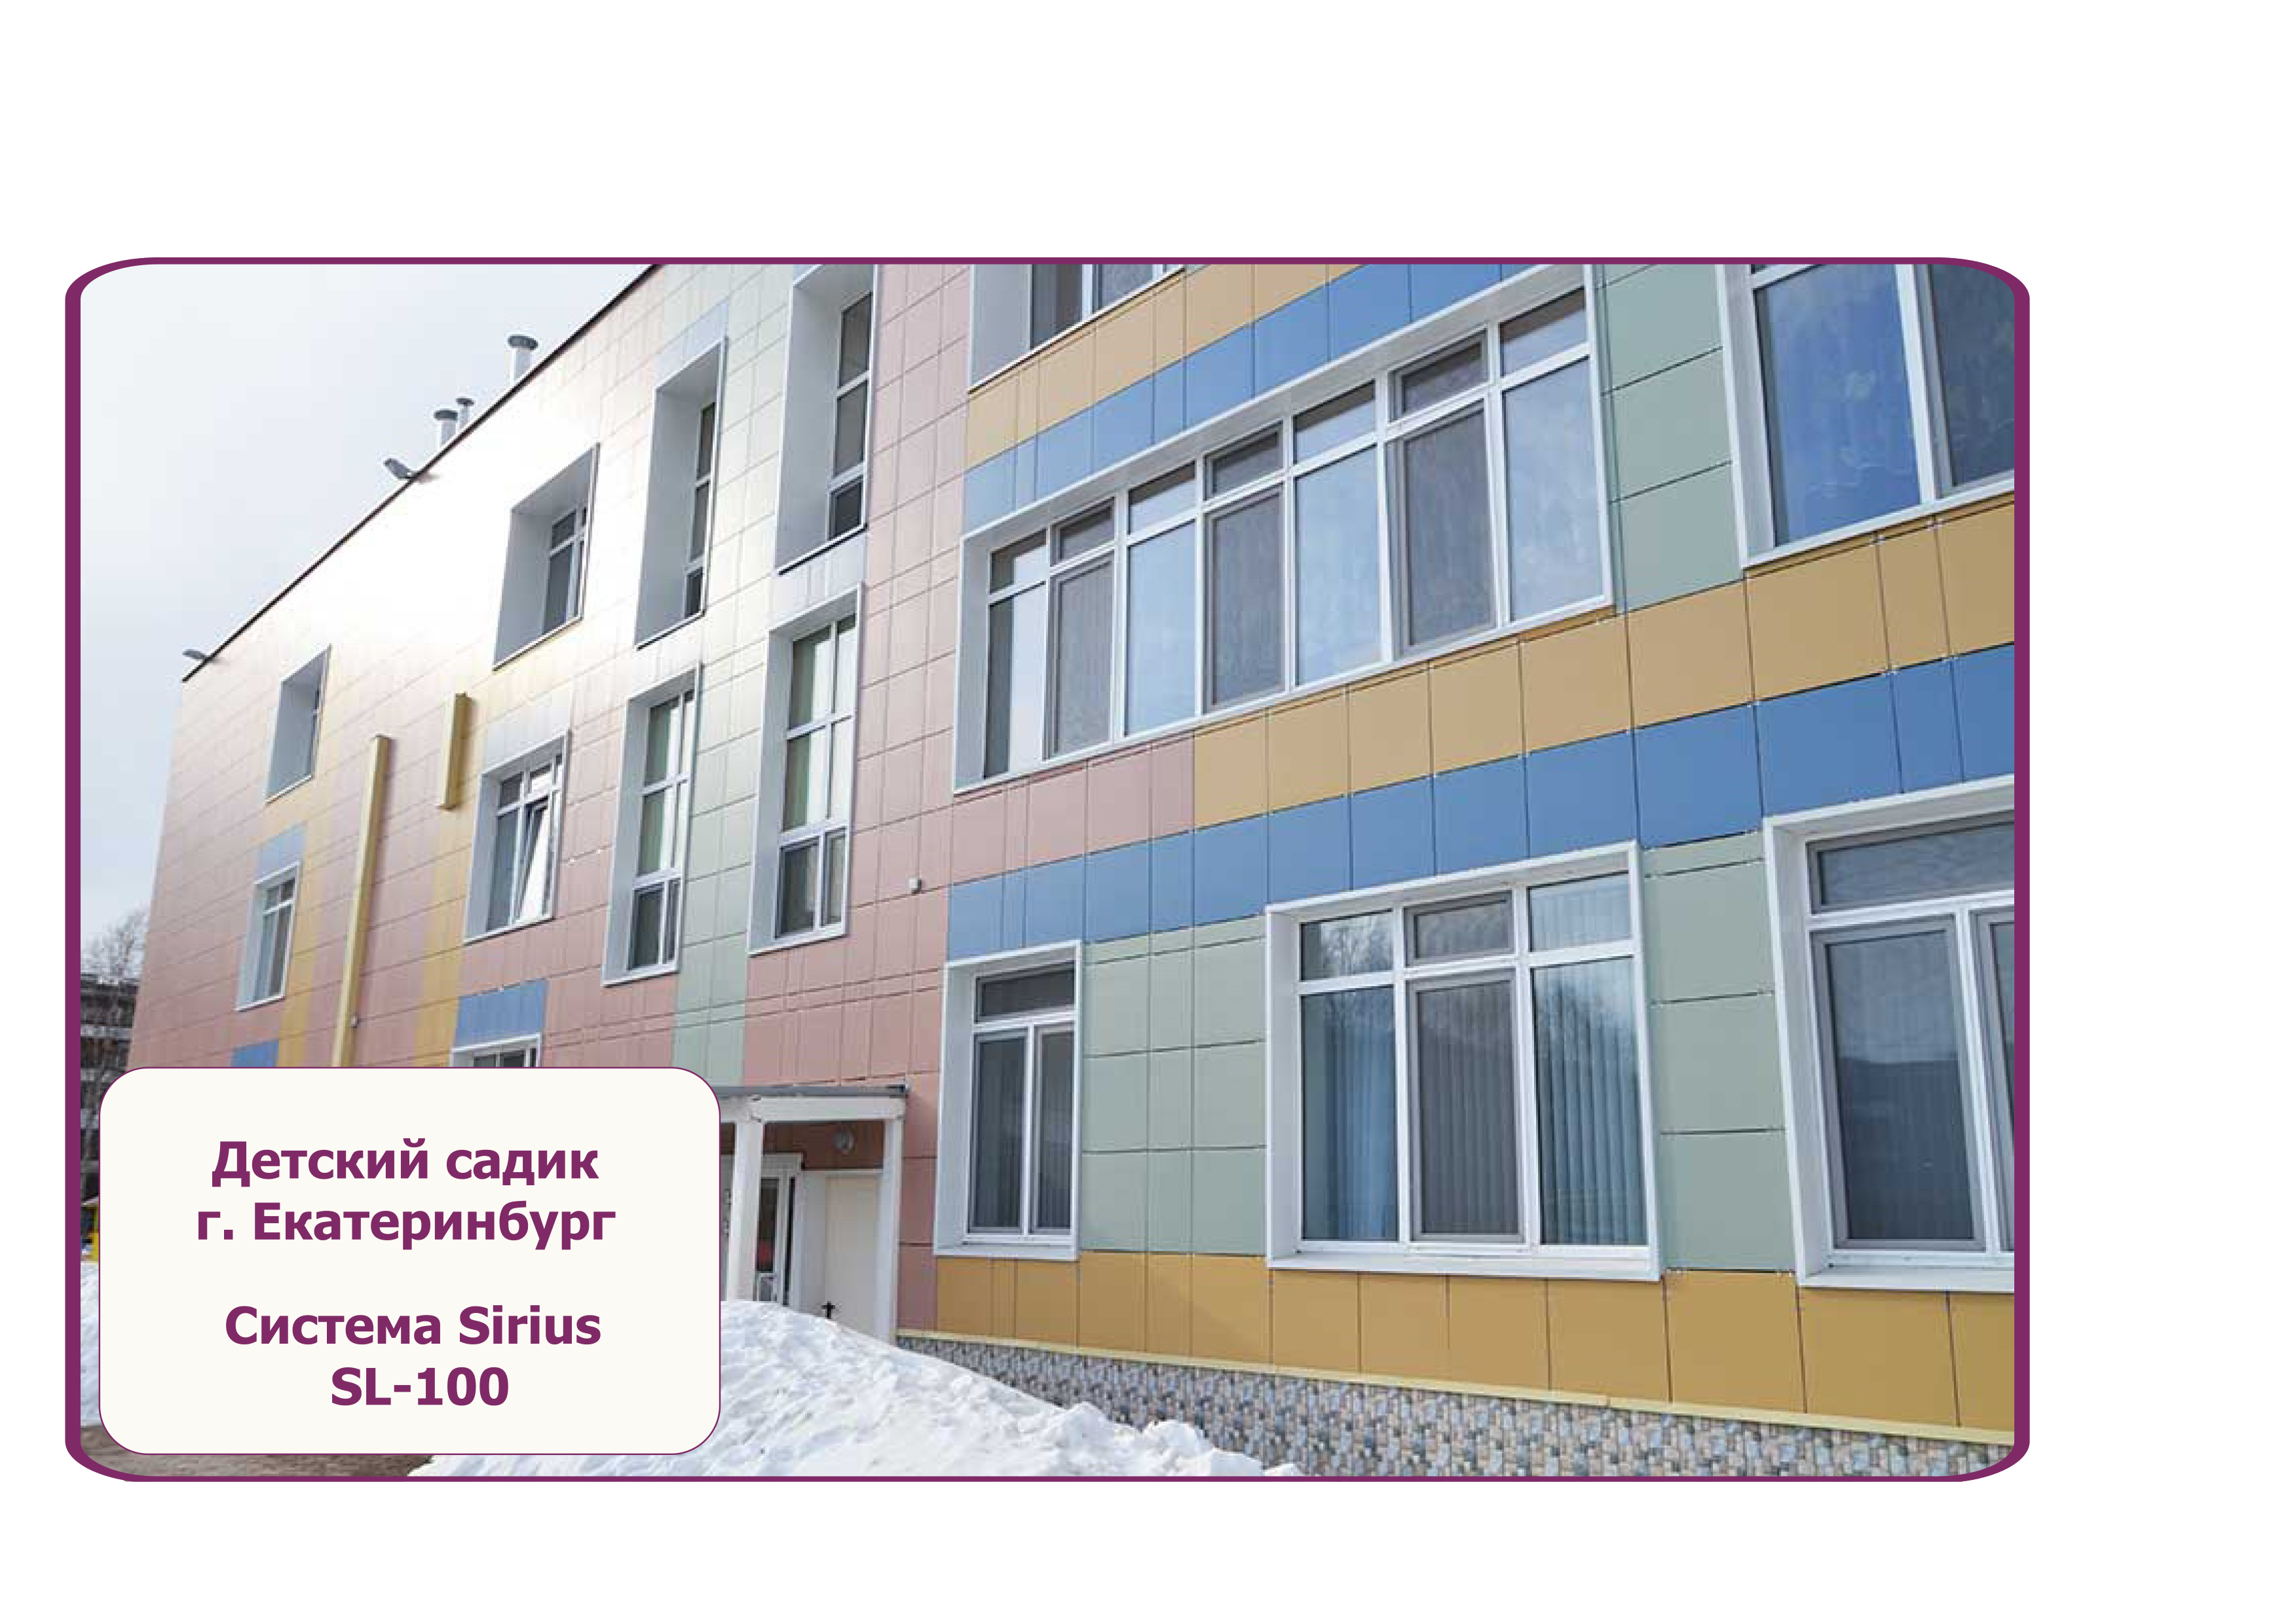 Детский садик г. Екатеринбург Фасад объекта облицован на алюминиевой подсистеме SIRIUS SL-100 - керамогранитная плитка, классический Т-профиль